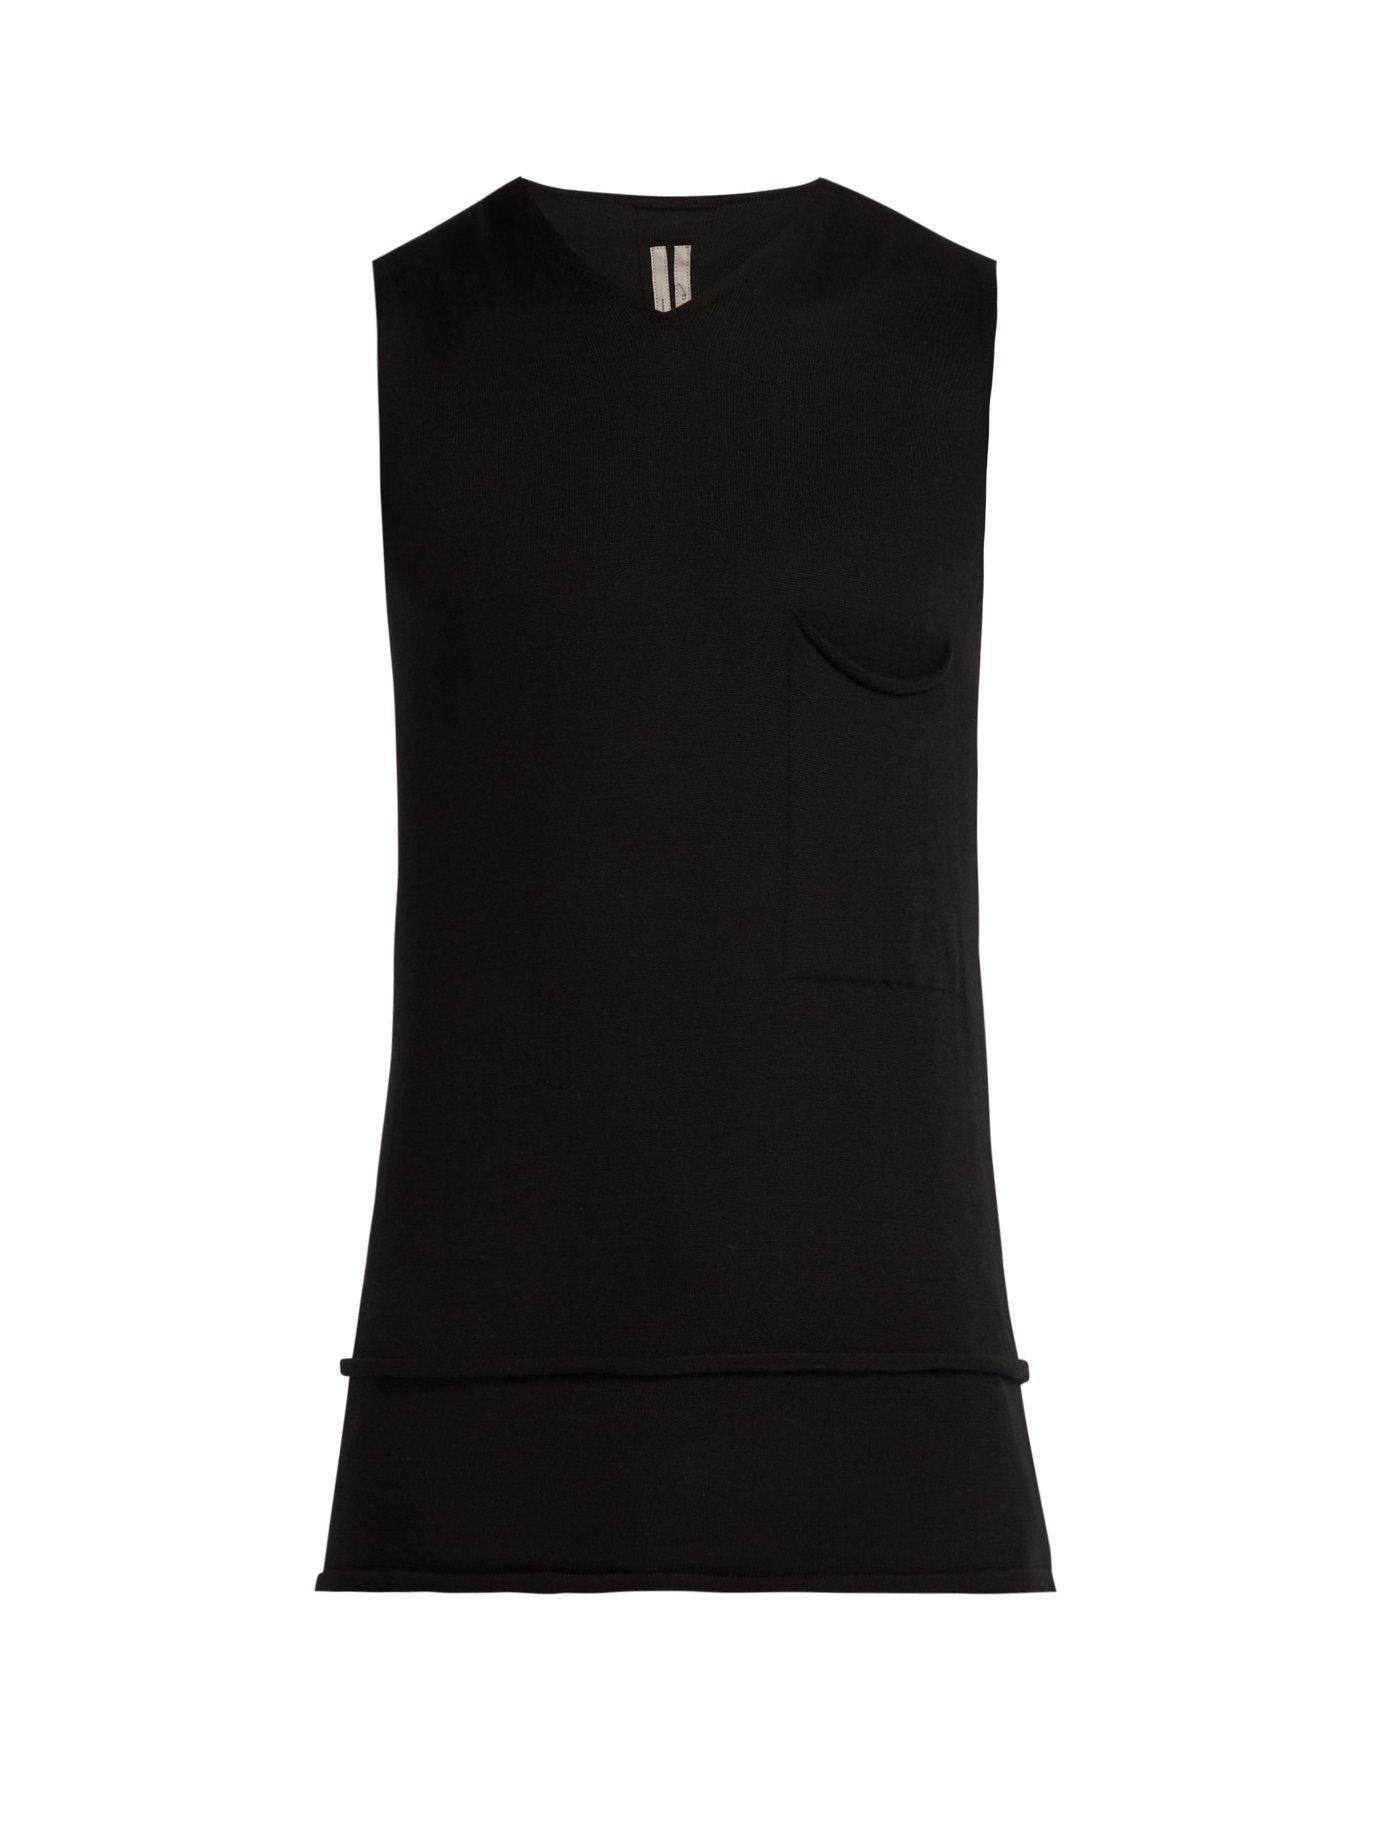 271f7b90c5af7 Lyst - Rick Owens V Neck Cashmere Tank Top in Black for Men